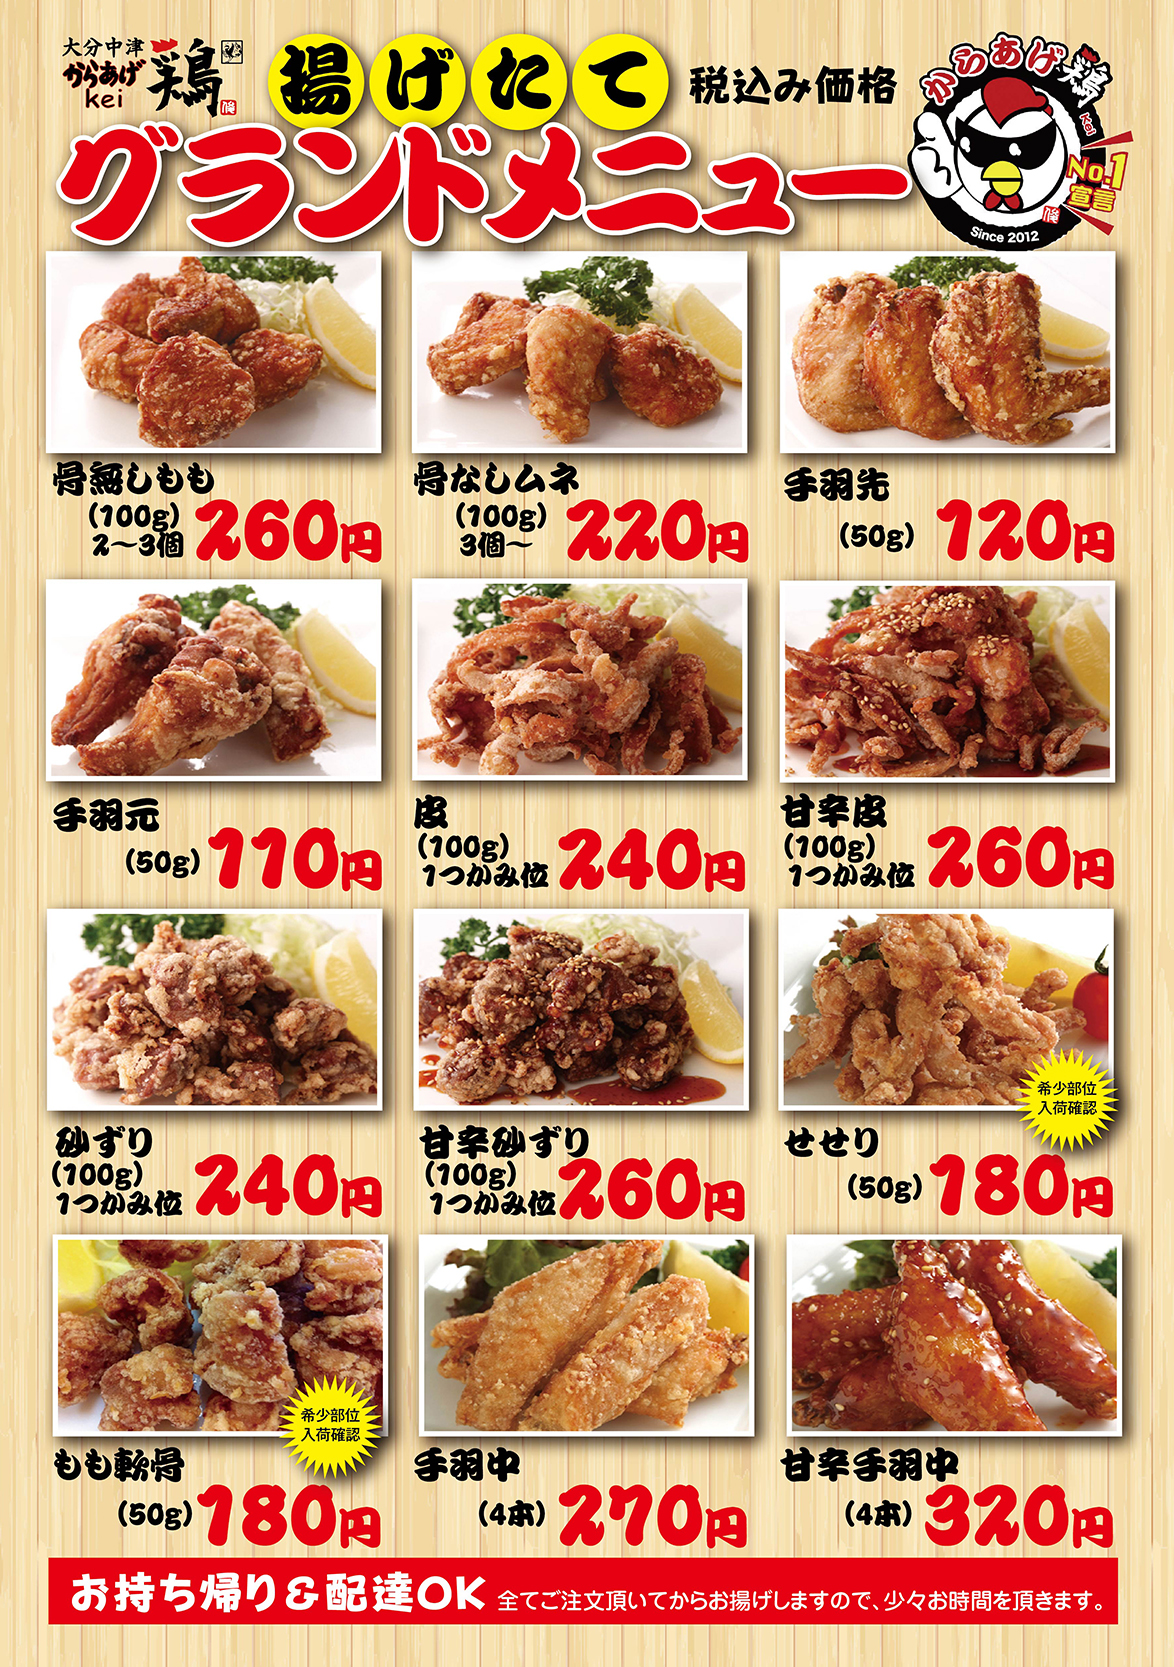 からあげ鶏kei福岡本店メニュー表